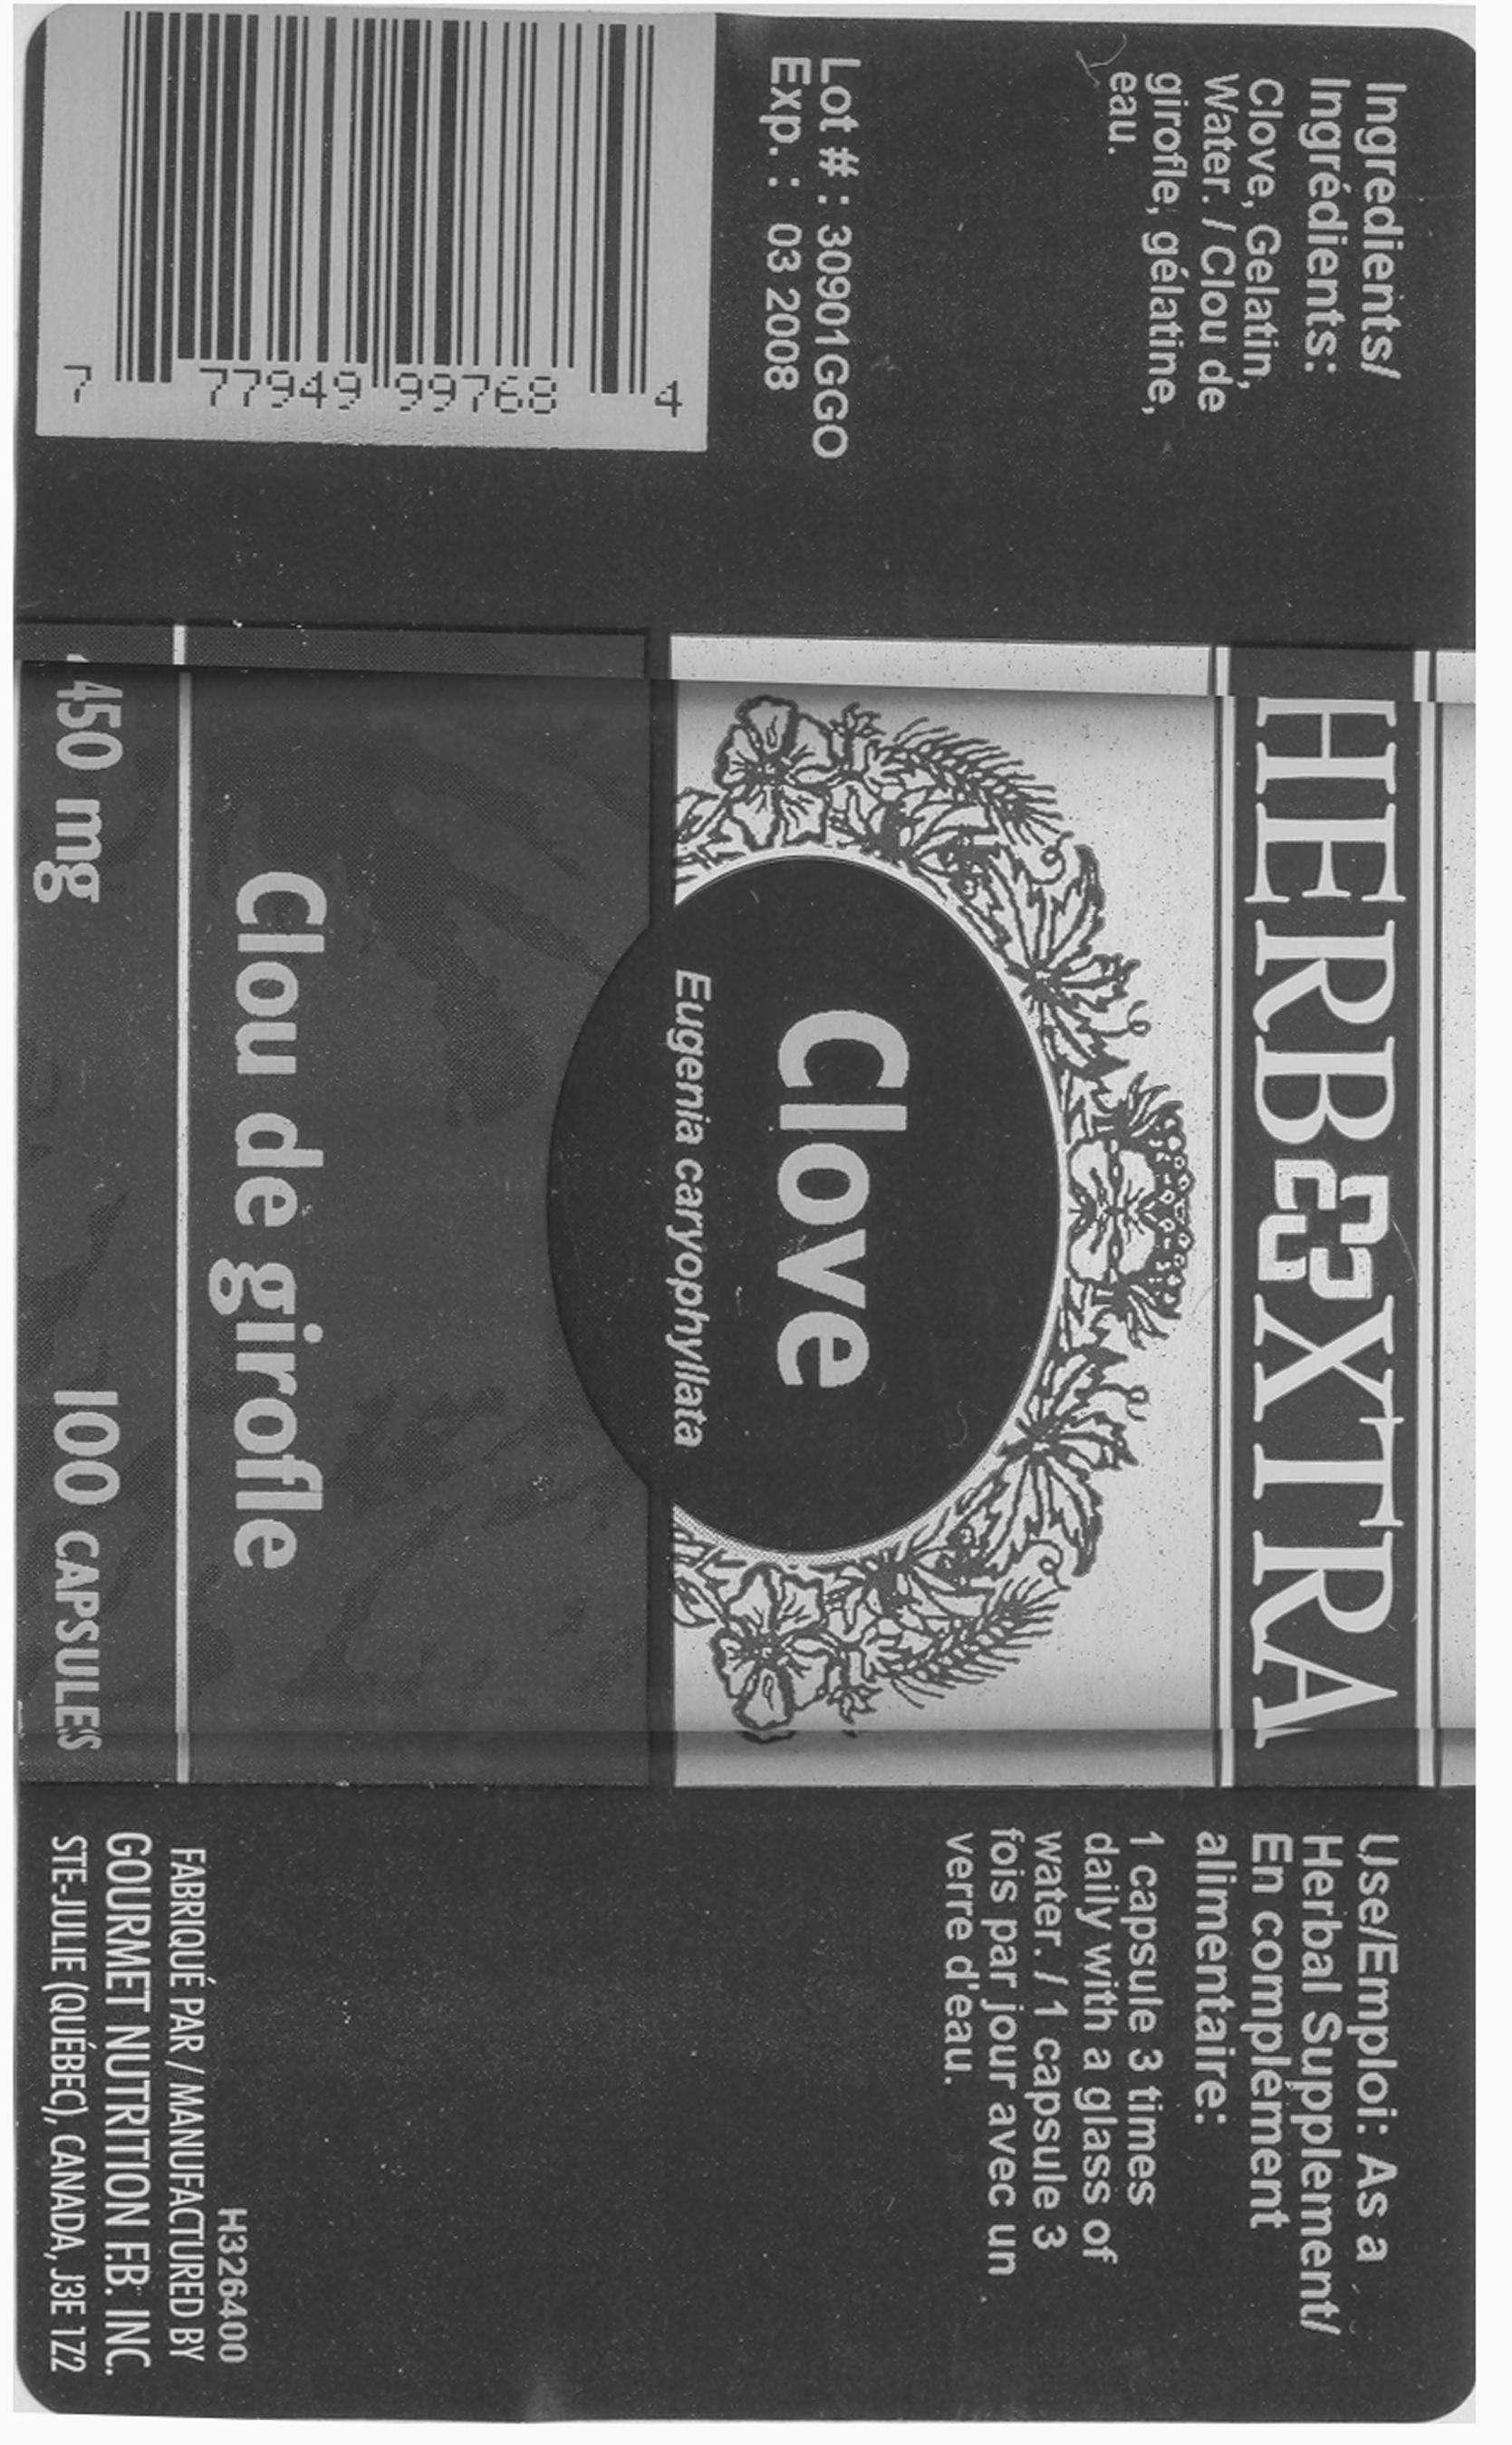 Clove Buds - 450 mg - Label